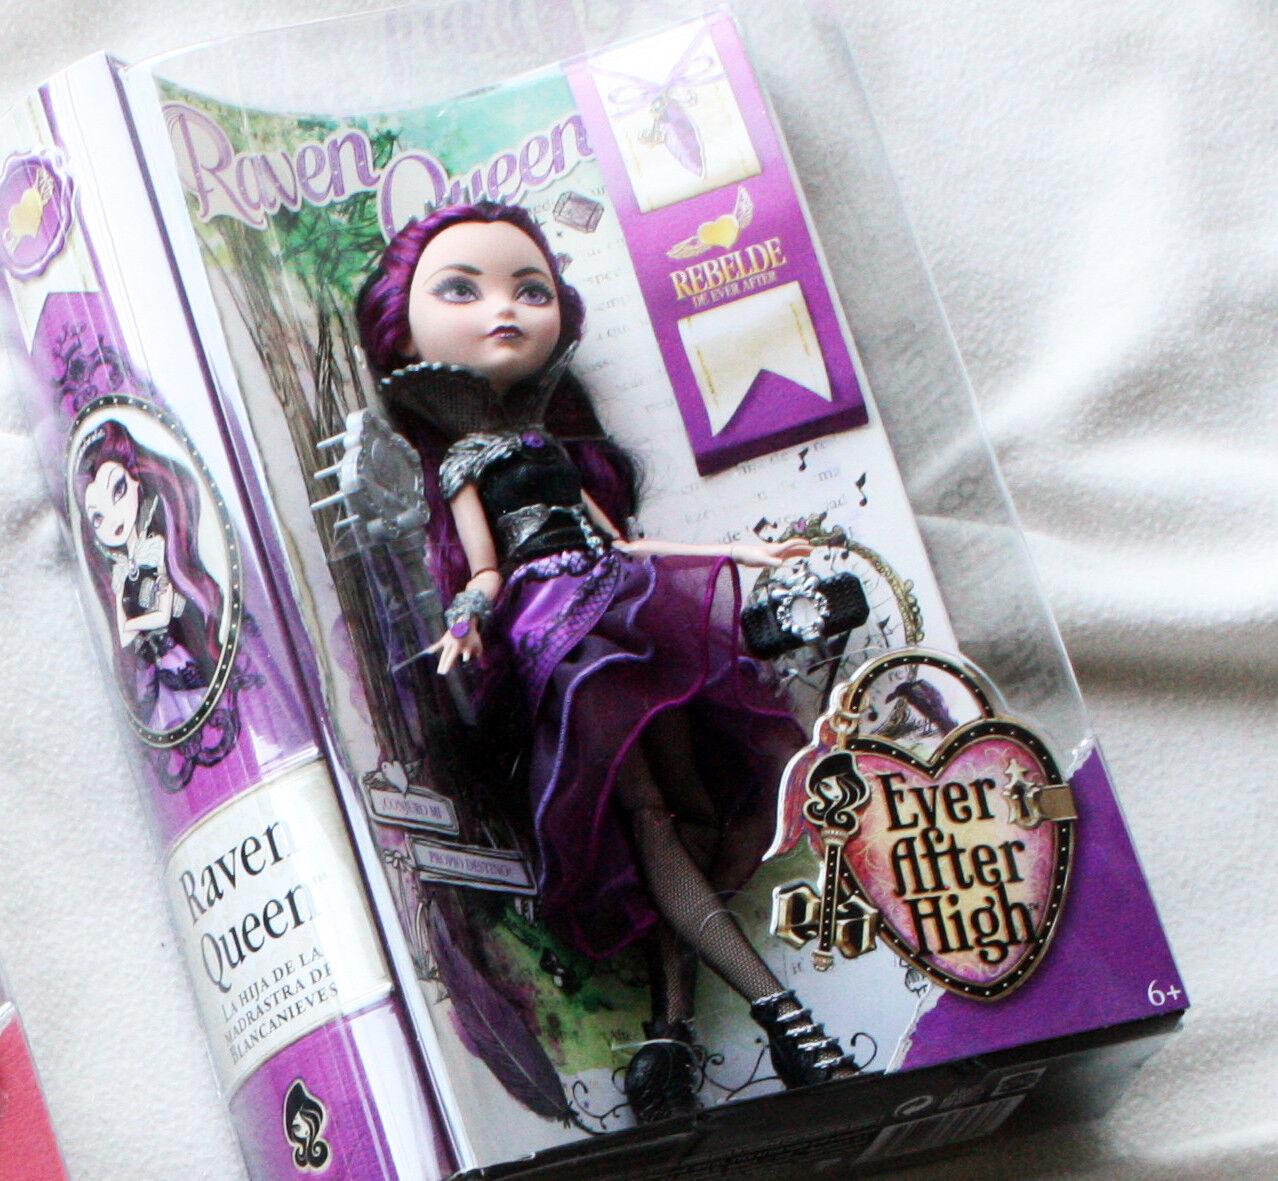 EVER AFTER HIGH bambola   RAVEN regina (FIRST WAVE, 2013 ). MUÑECA. BRe nuovo IN scatola   connotazione di lusso low-key